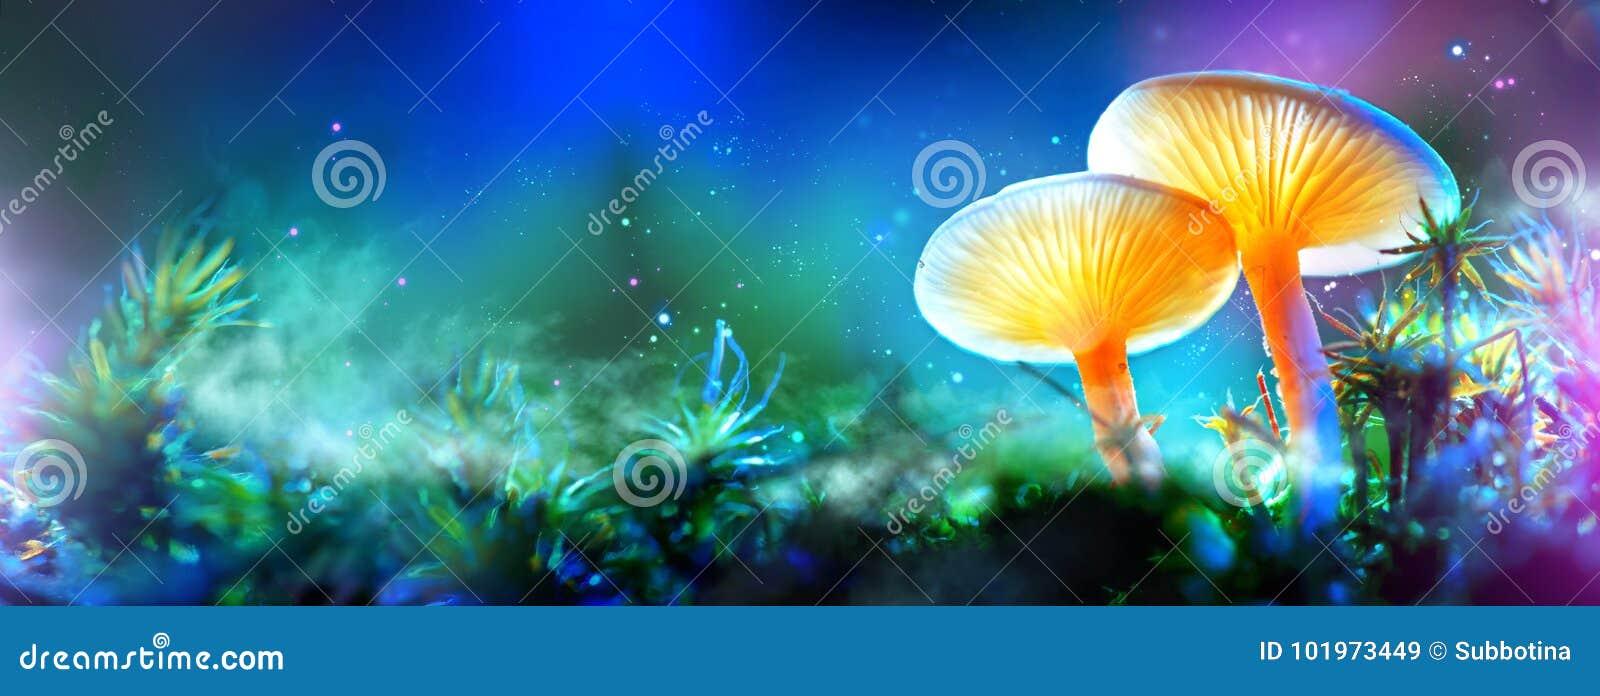 蘑菇 幻想发光的蘑菇在奥秘黑暗森林里